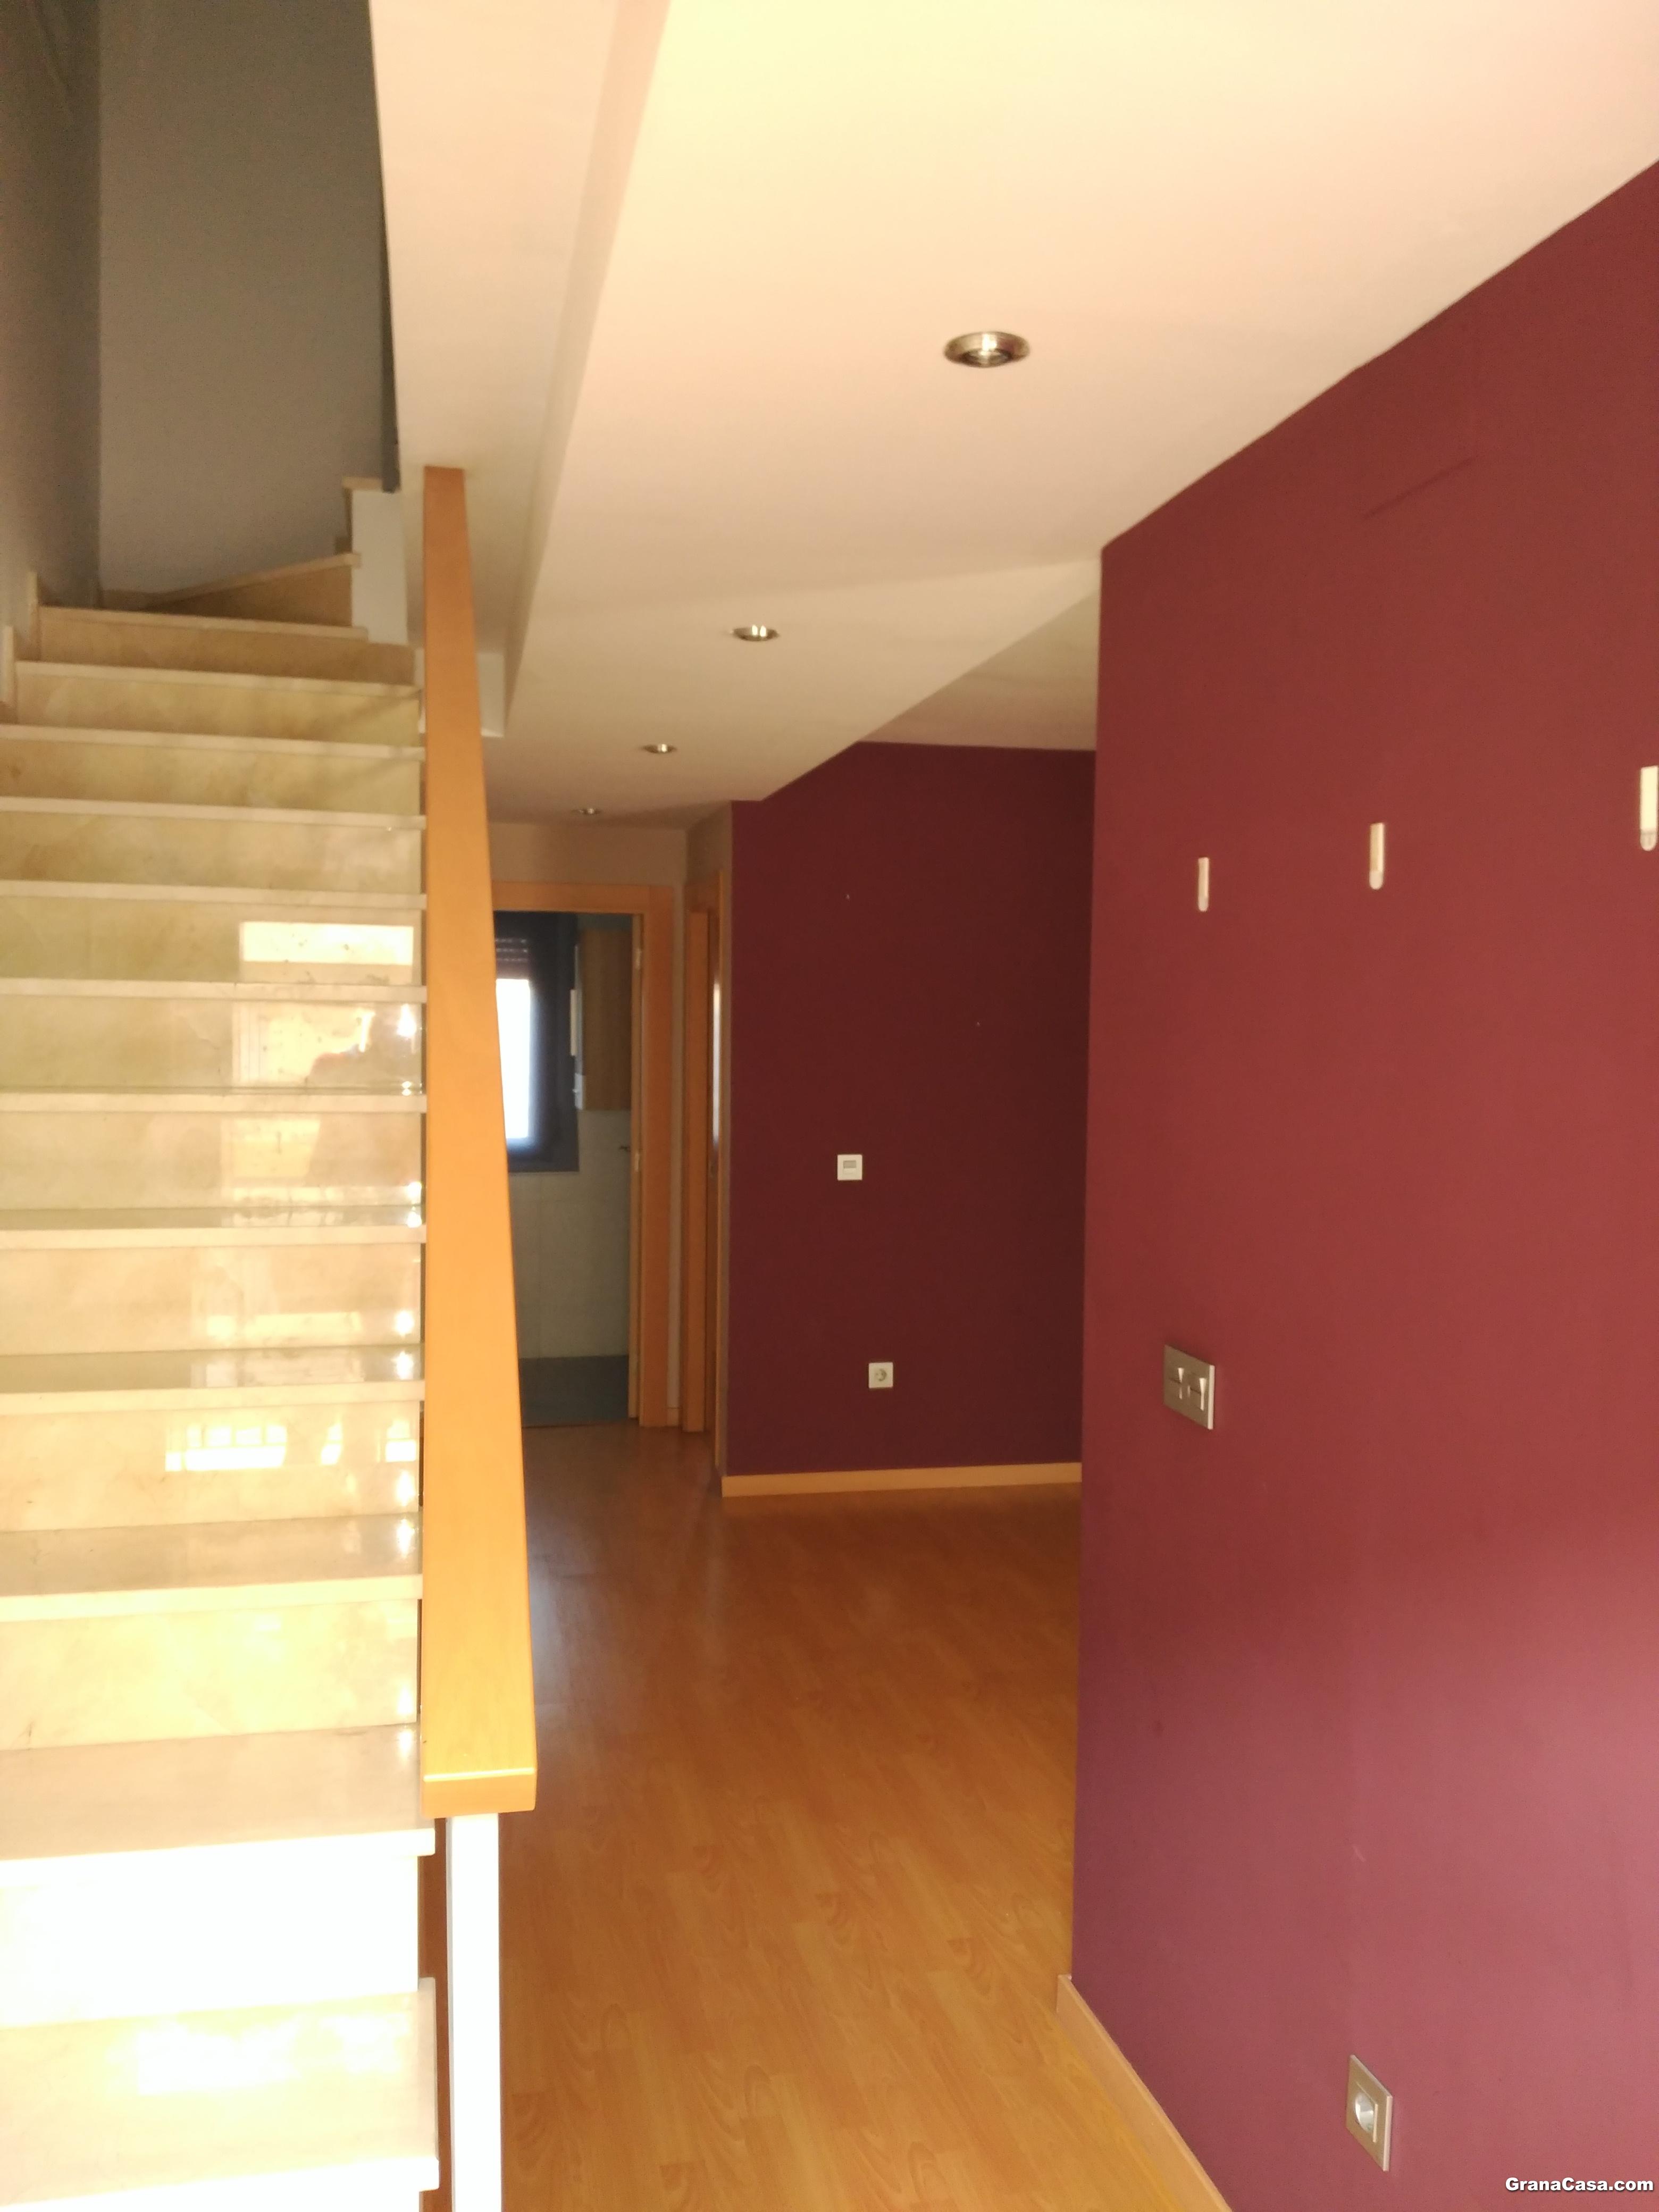 Venta de casa adosada con 3 dormitorios en atarfe granacasagranacasa - Casas en atarfe ...